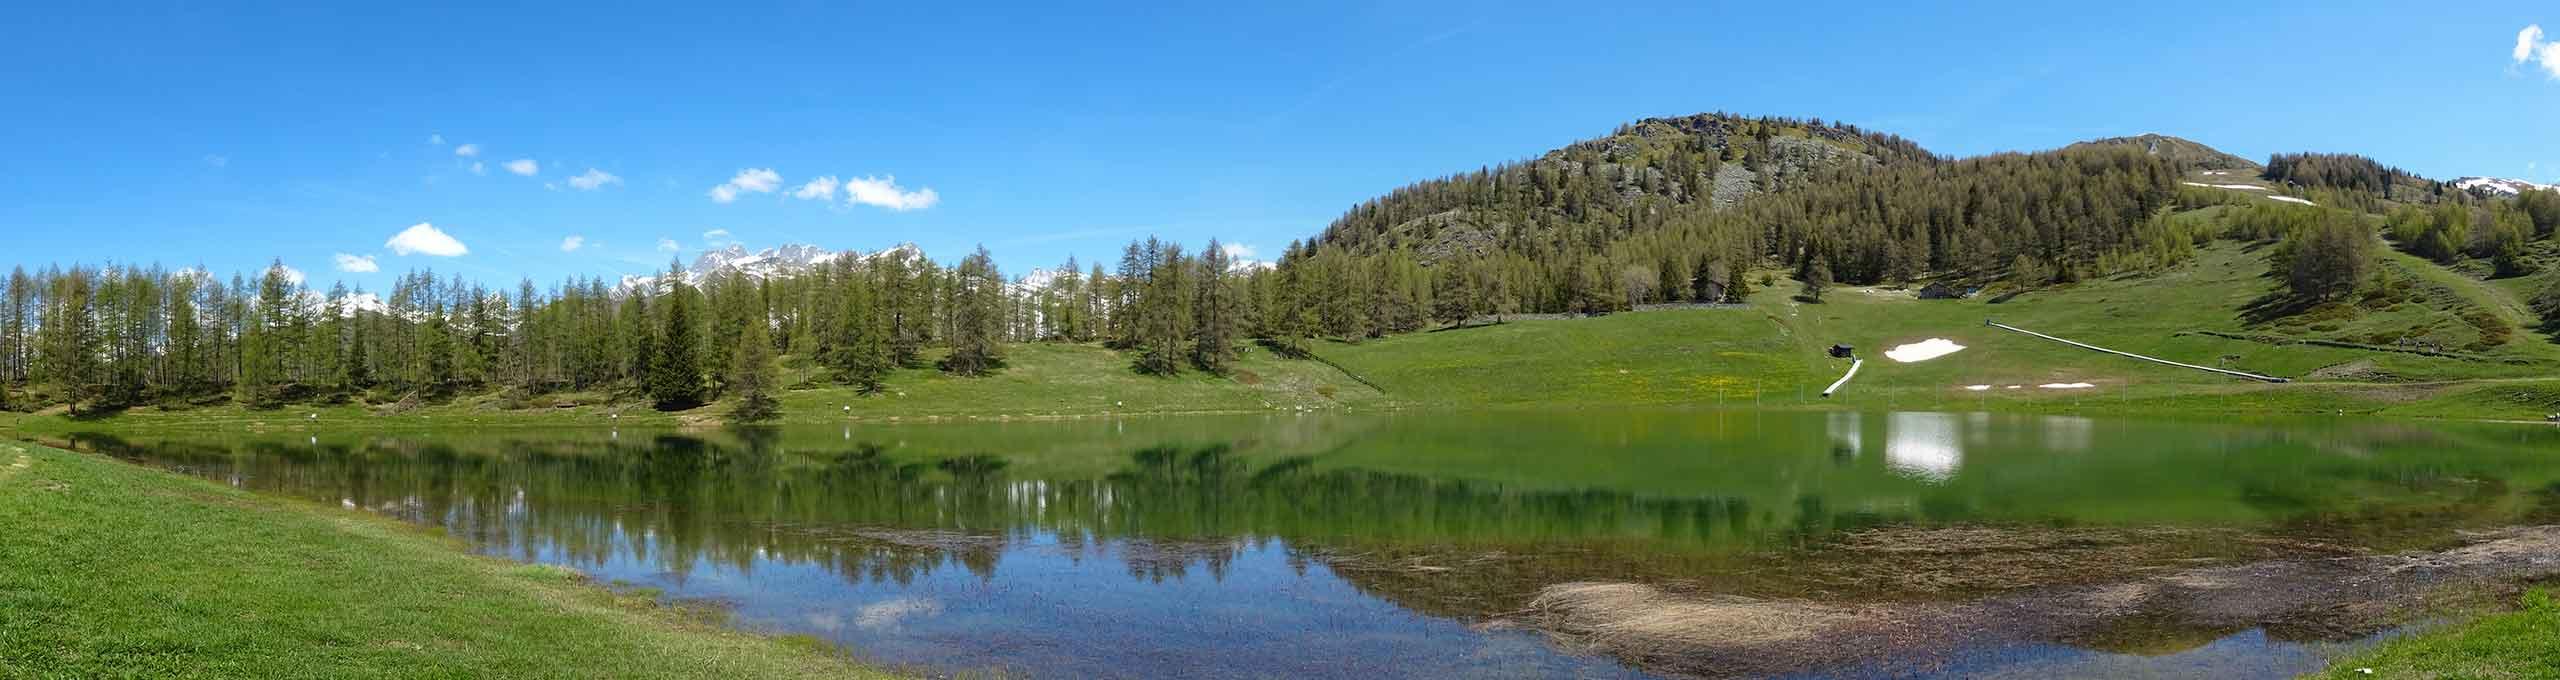 Chamoix , uno dei paesini della Valtournenche